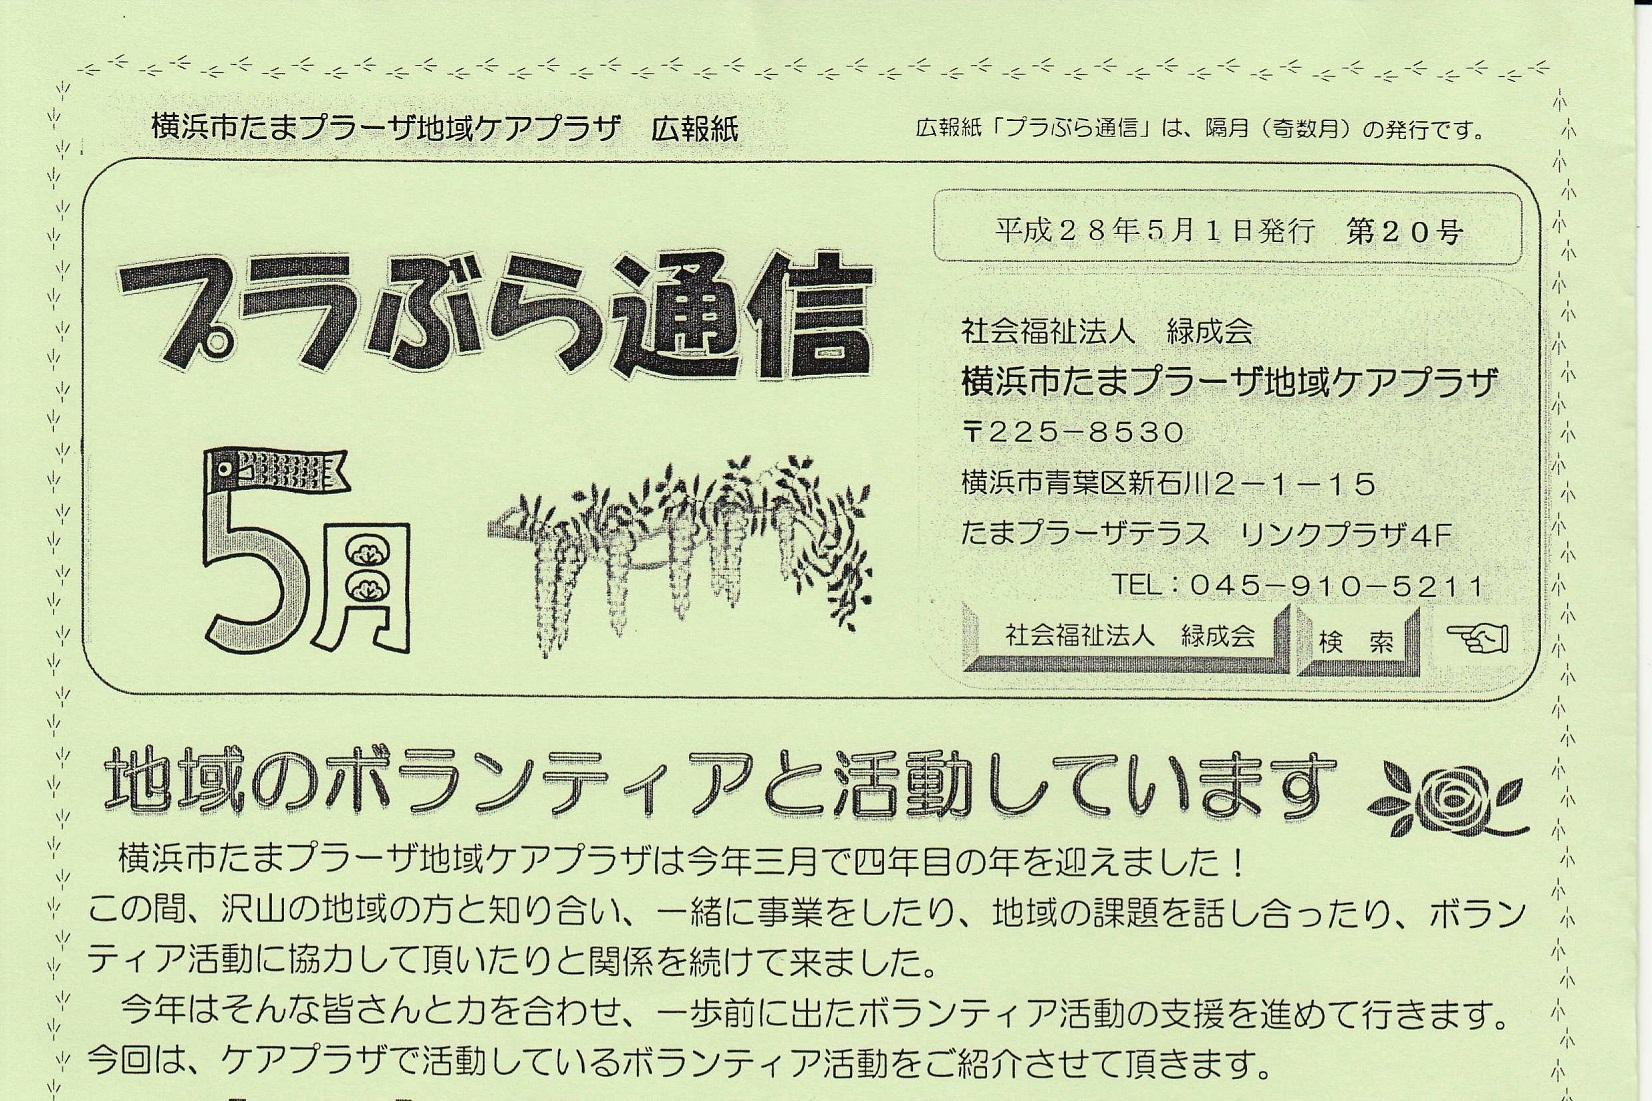 プラぶら通信 第20号(横浜市たまプラーザ地域ケアプラザ)